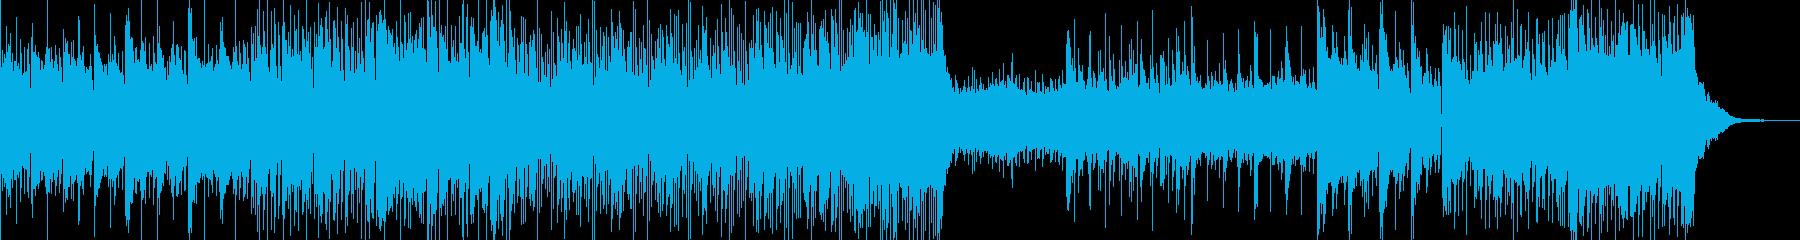 癒・ふわっとしたパステル調のBGMの再生済みの波形